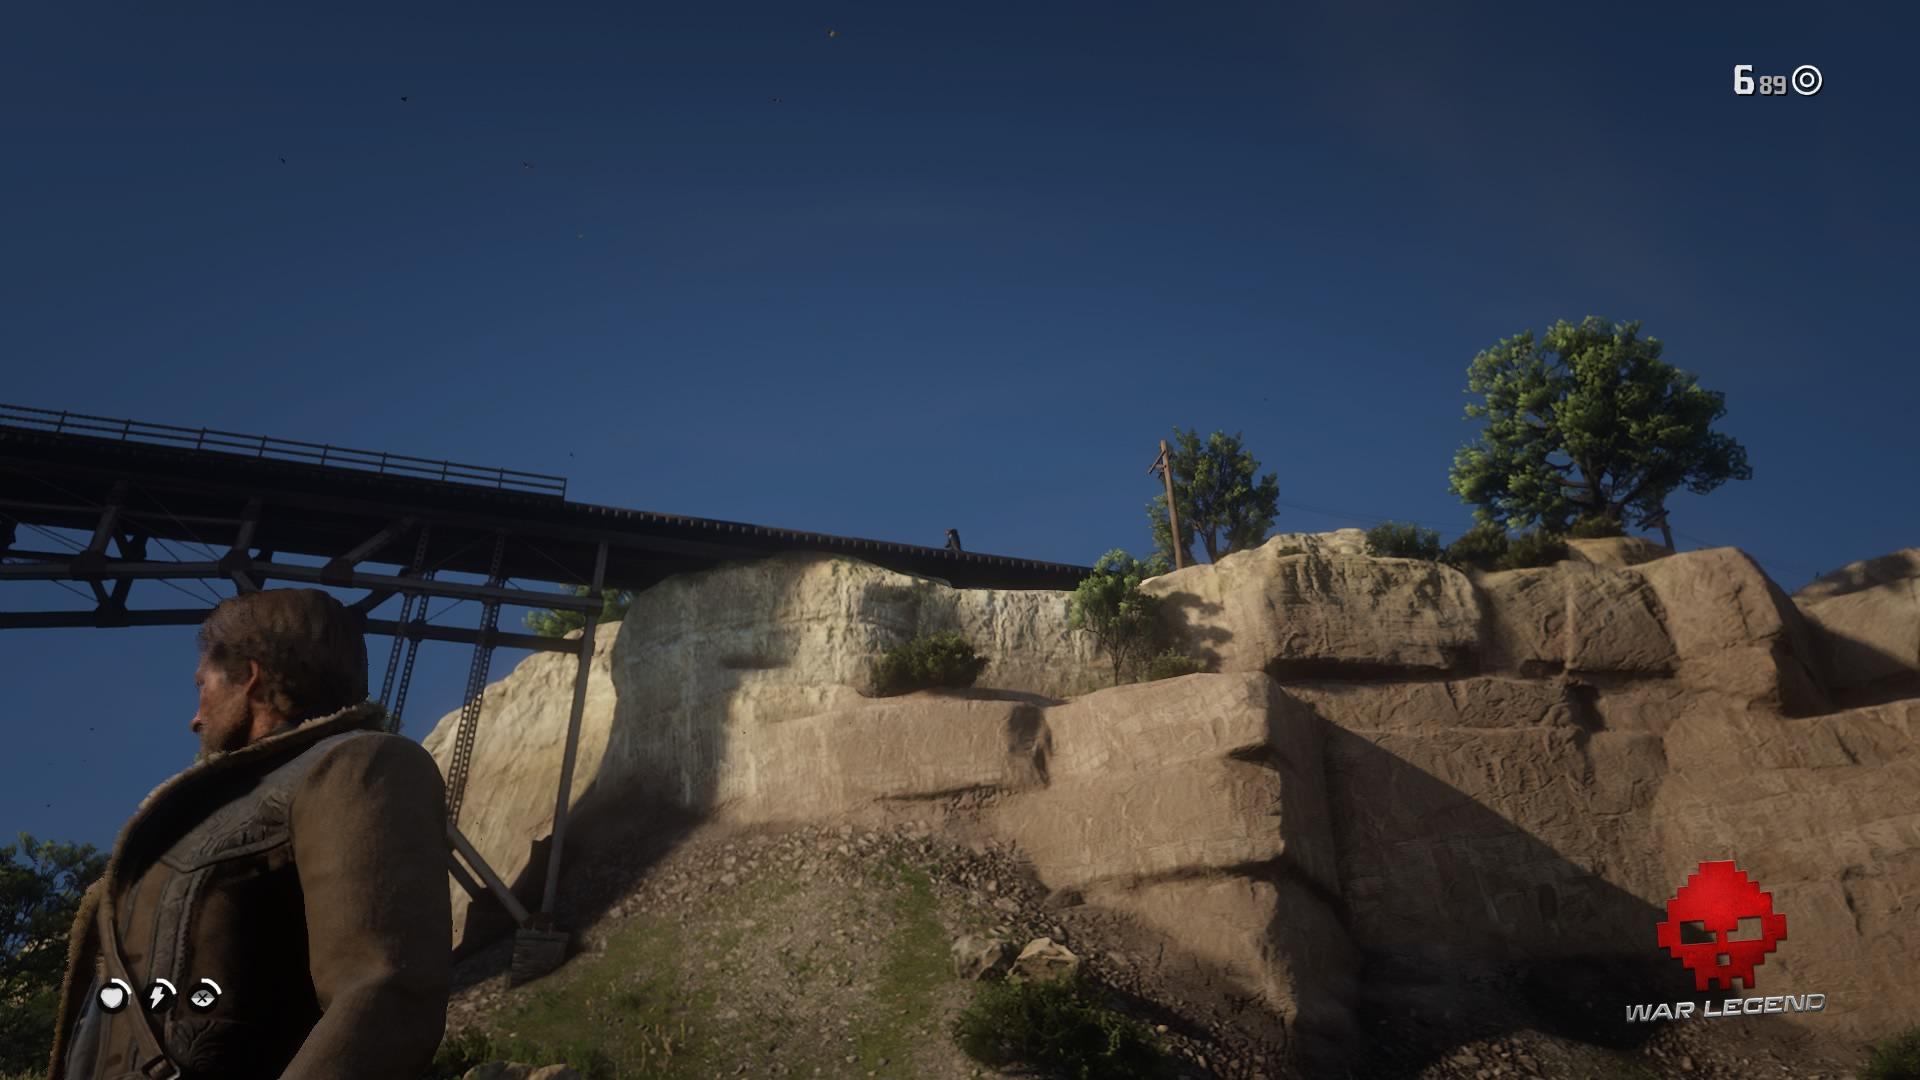 Red Dead Redemption 2 celui qui n'est pas sans péché Le révérend sur les rails